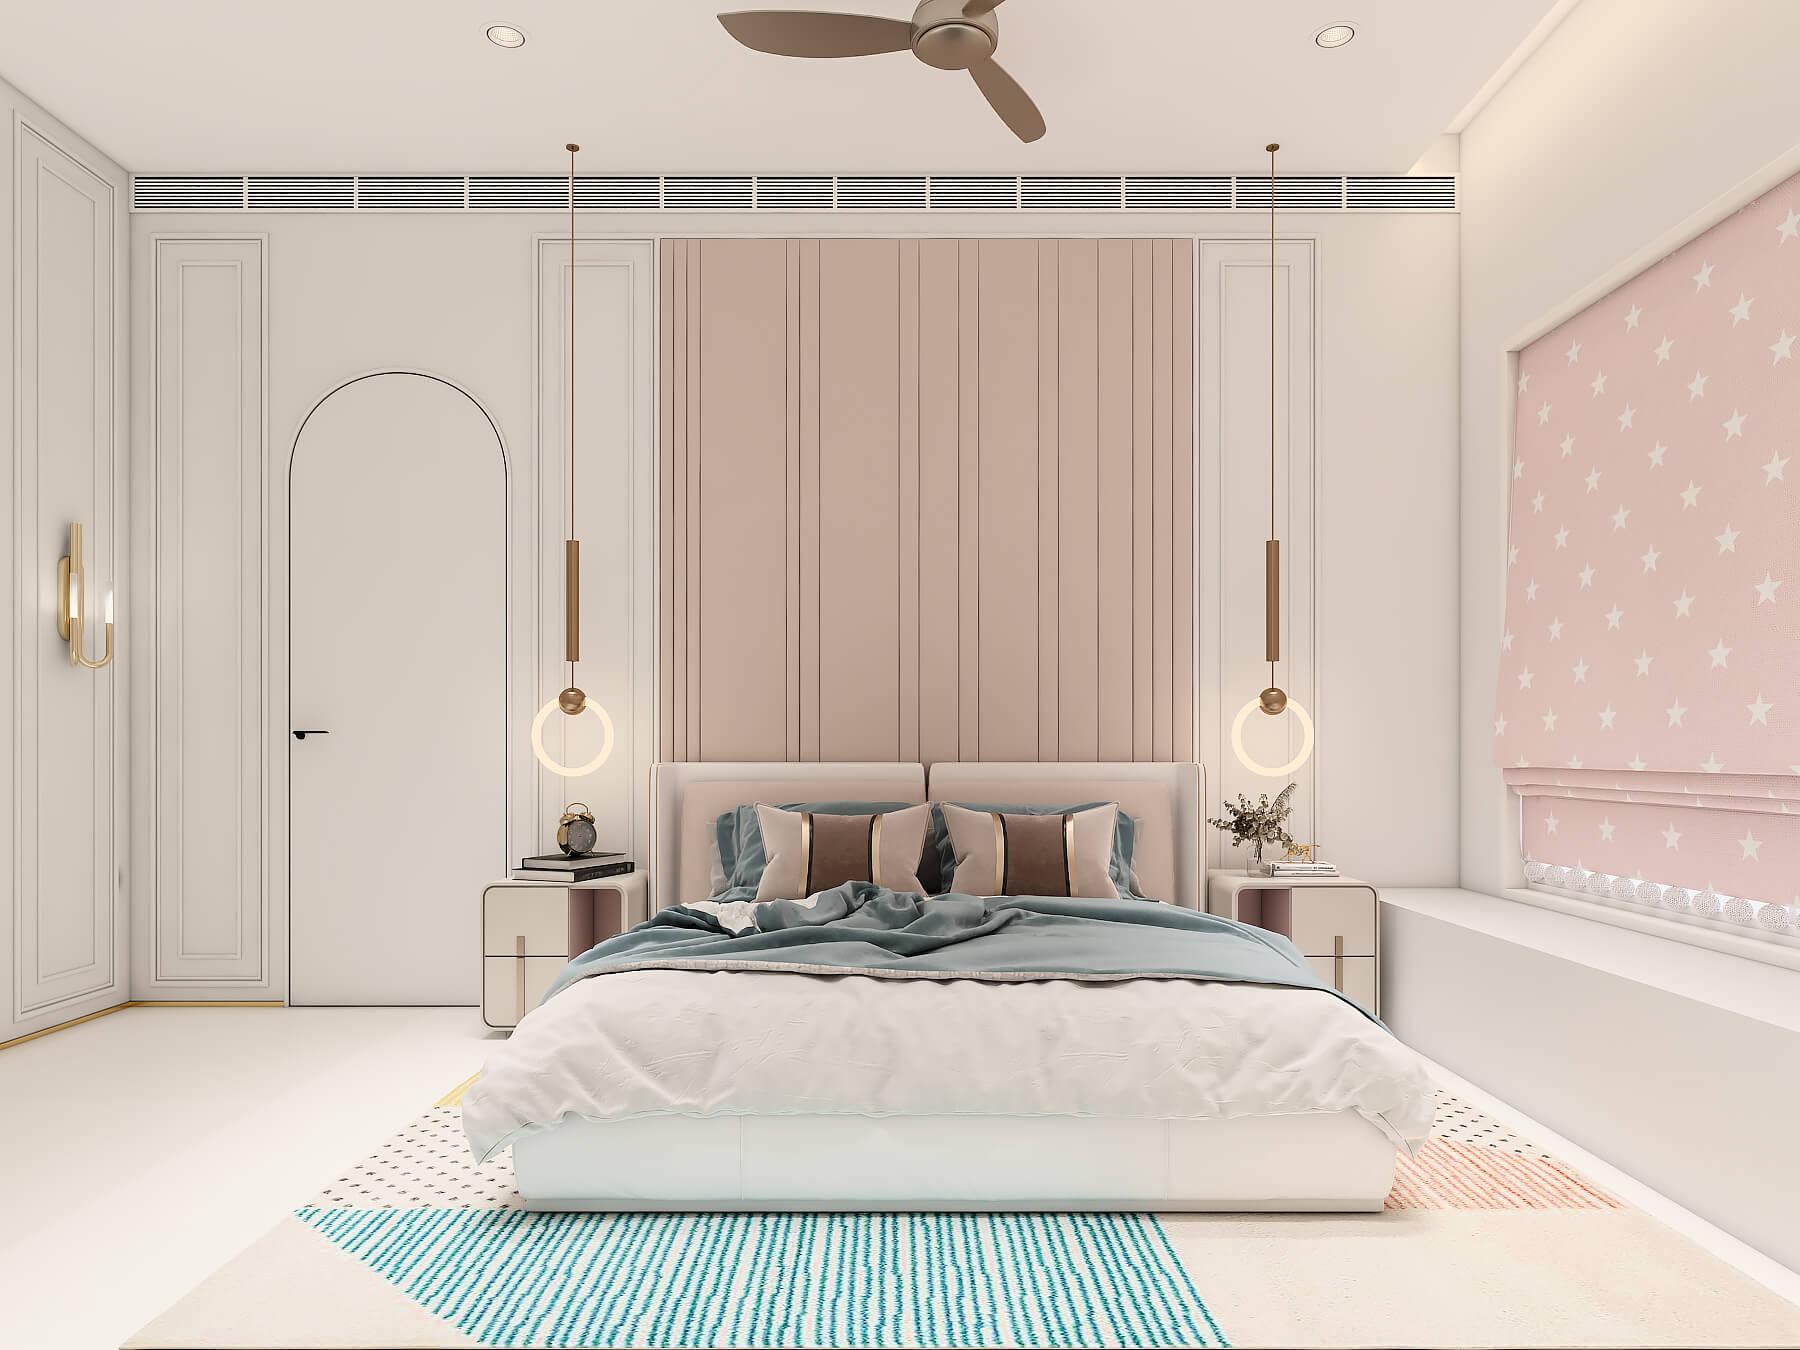 Azure Interiors Kids Rooms Interior Ideas 4